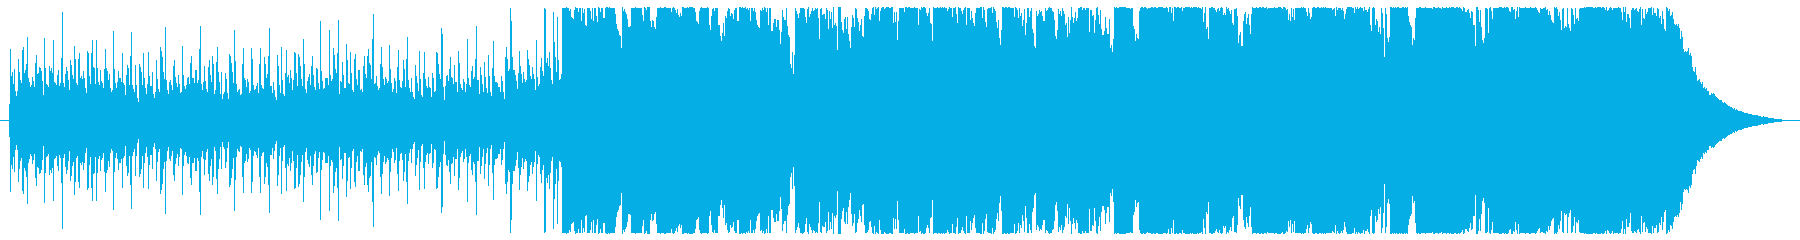 モダンなサウンドの世界は、特定のジ...の再生済みの波形